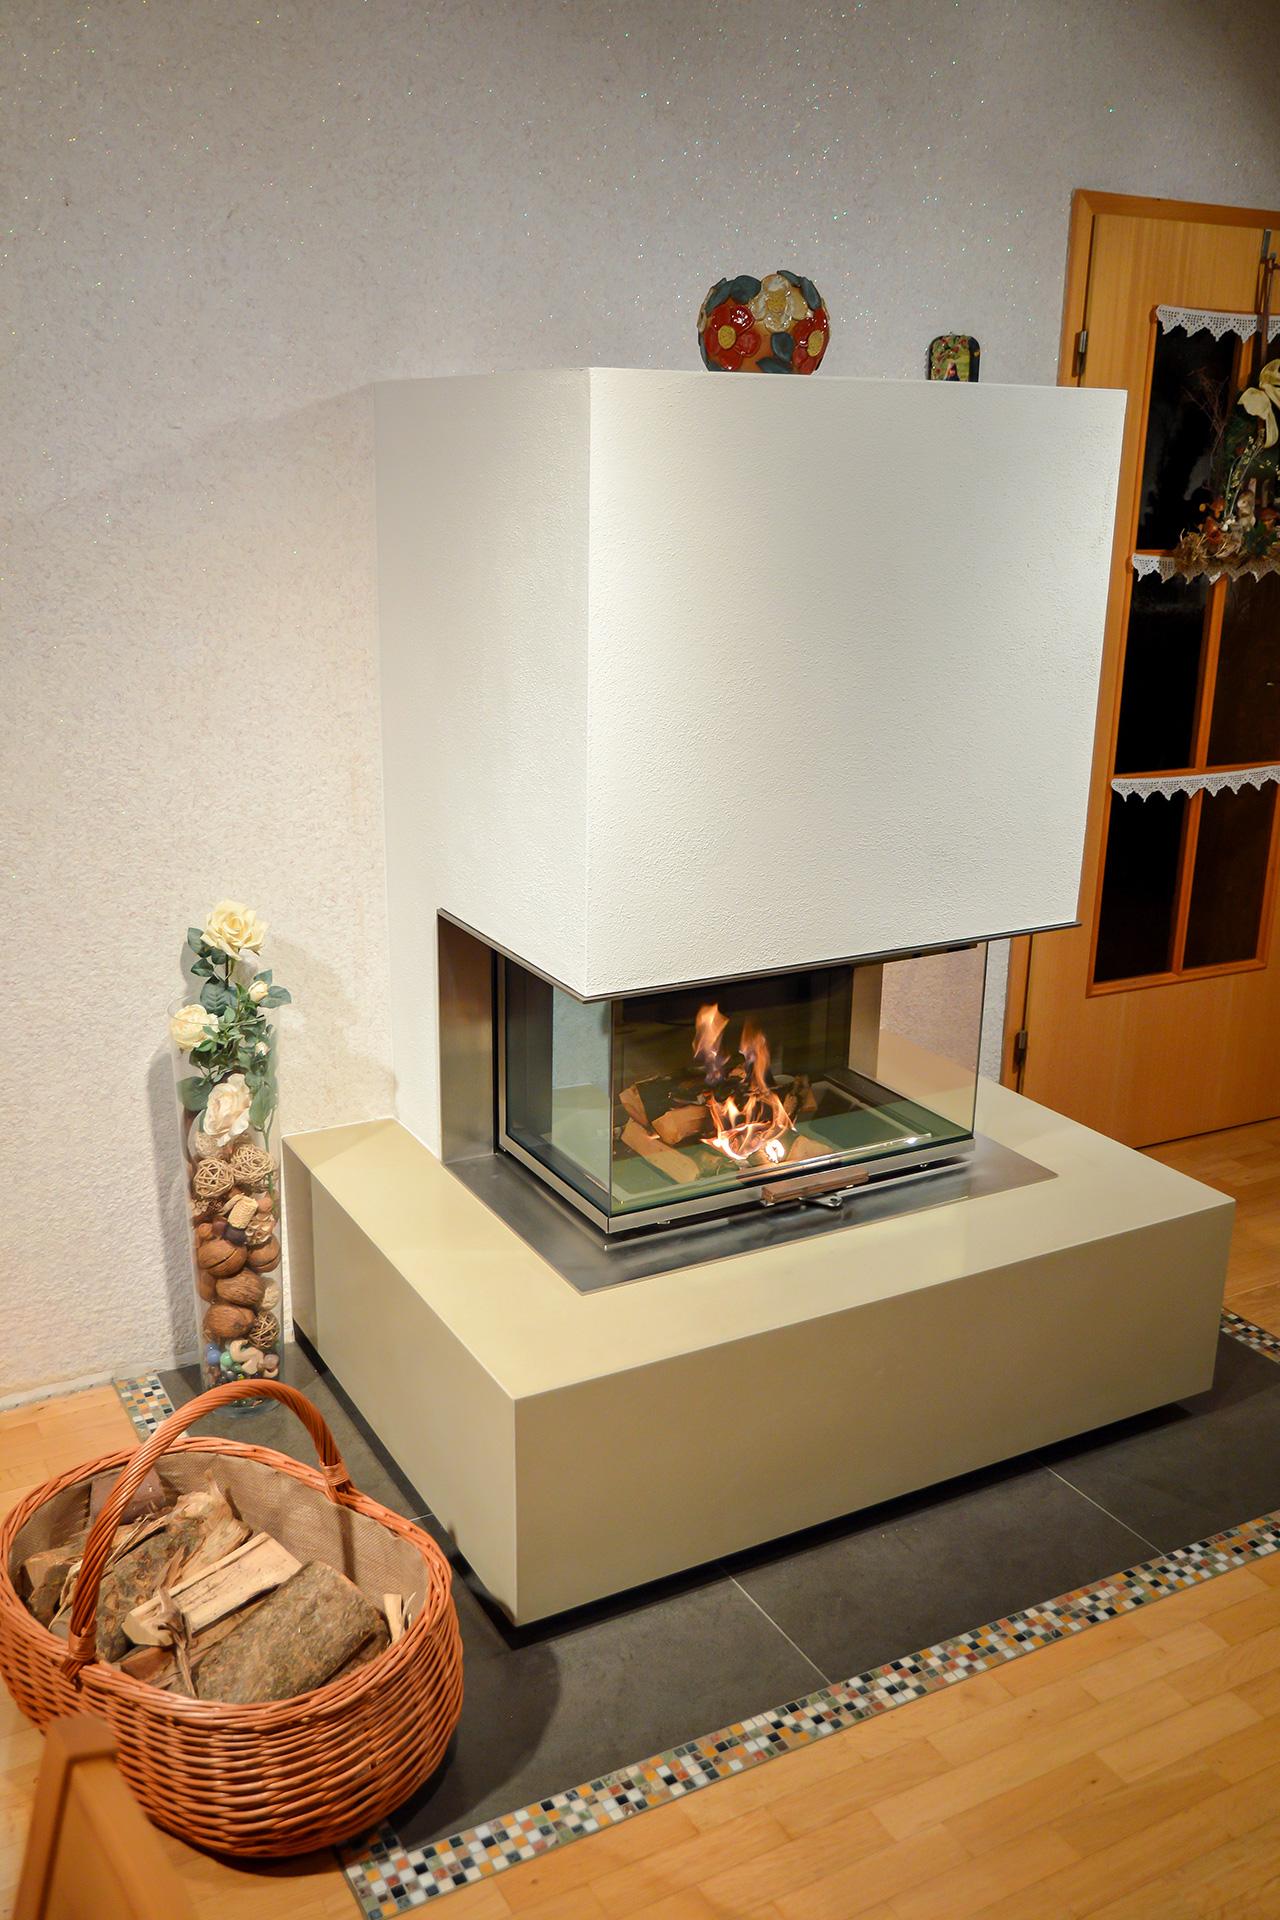 Referenz Ofen- und Kaminbau, Bild 0510